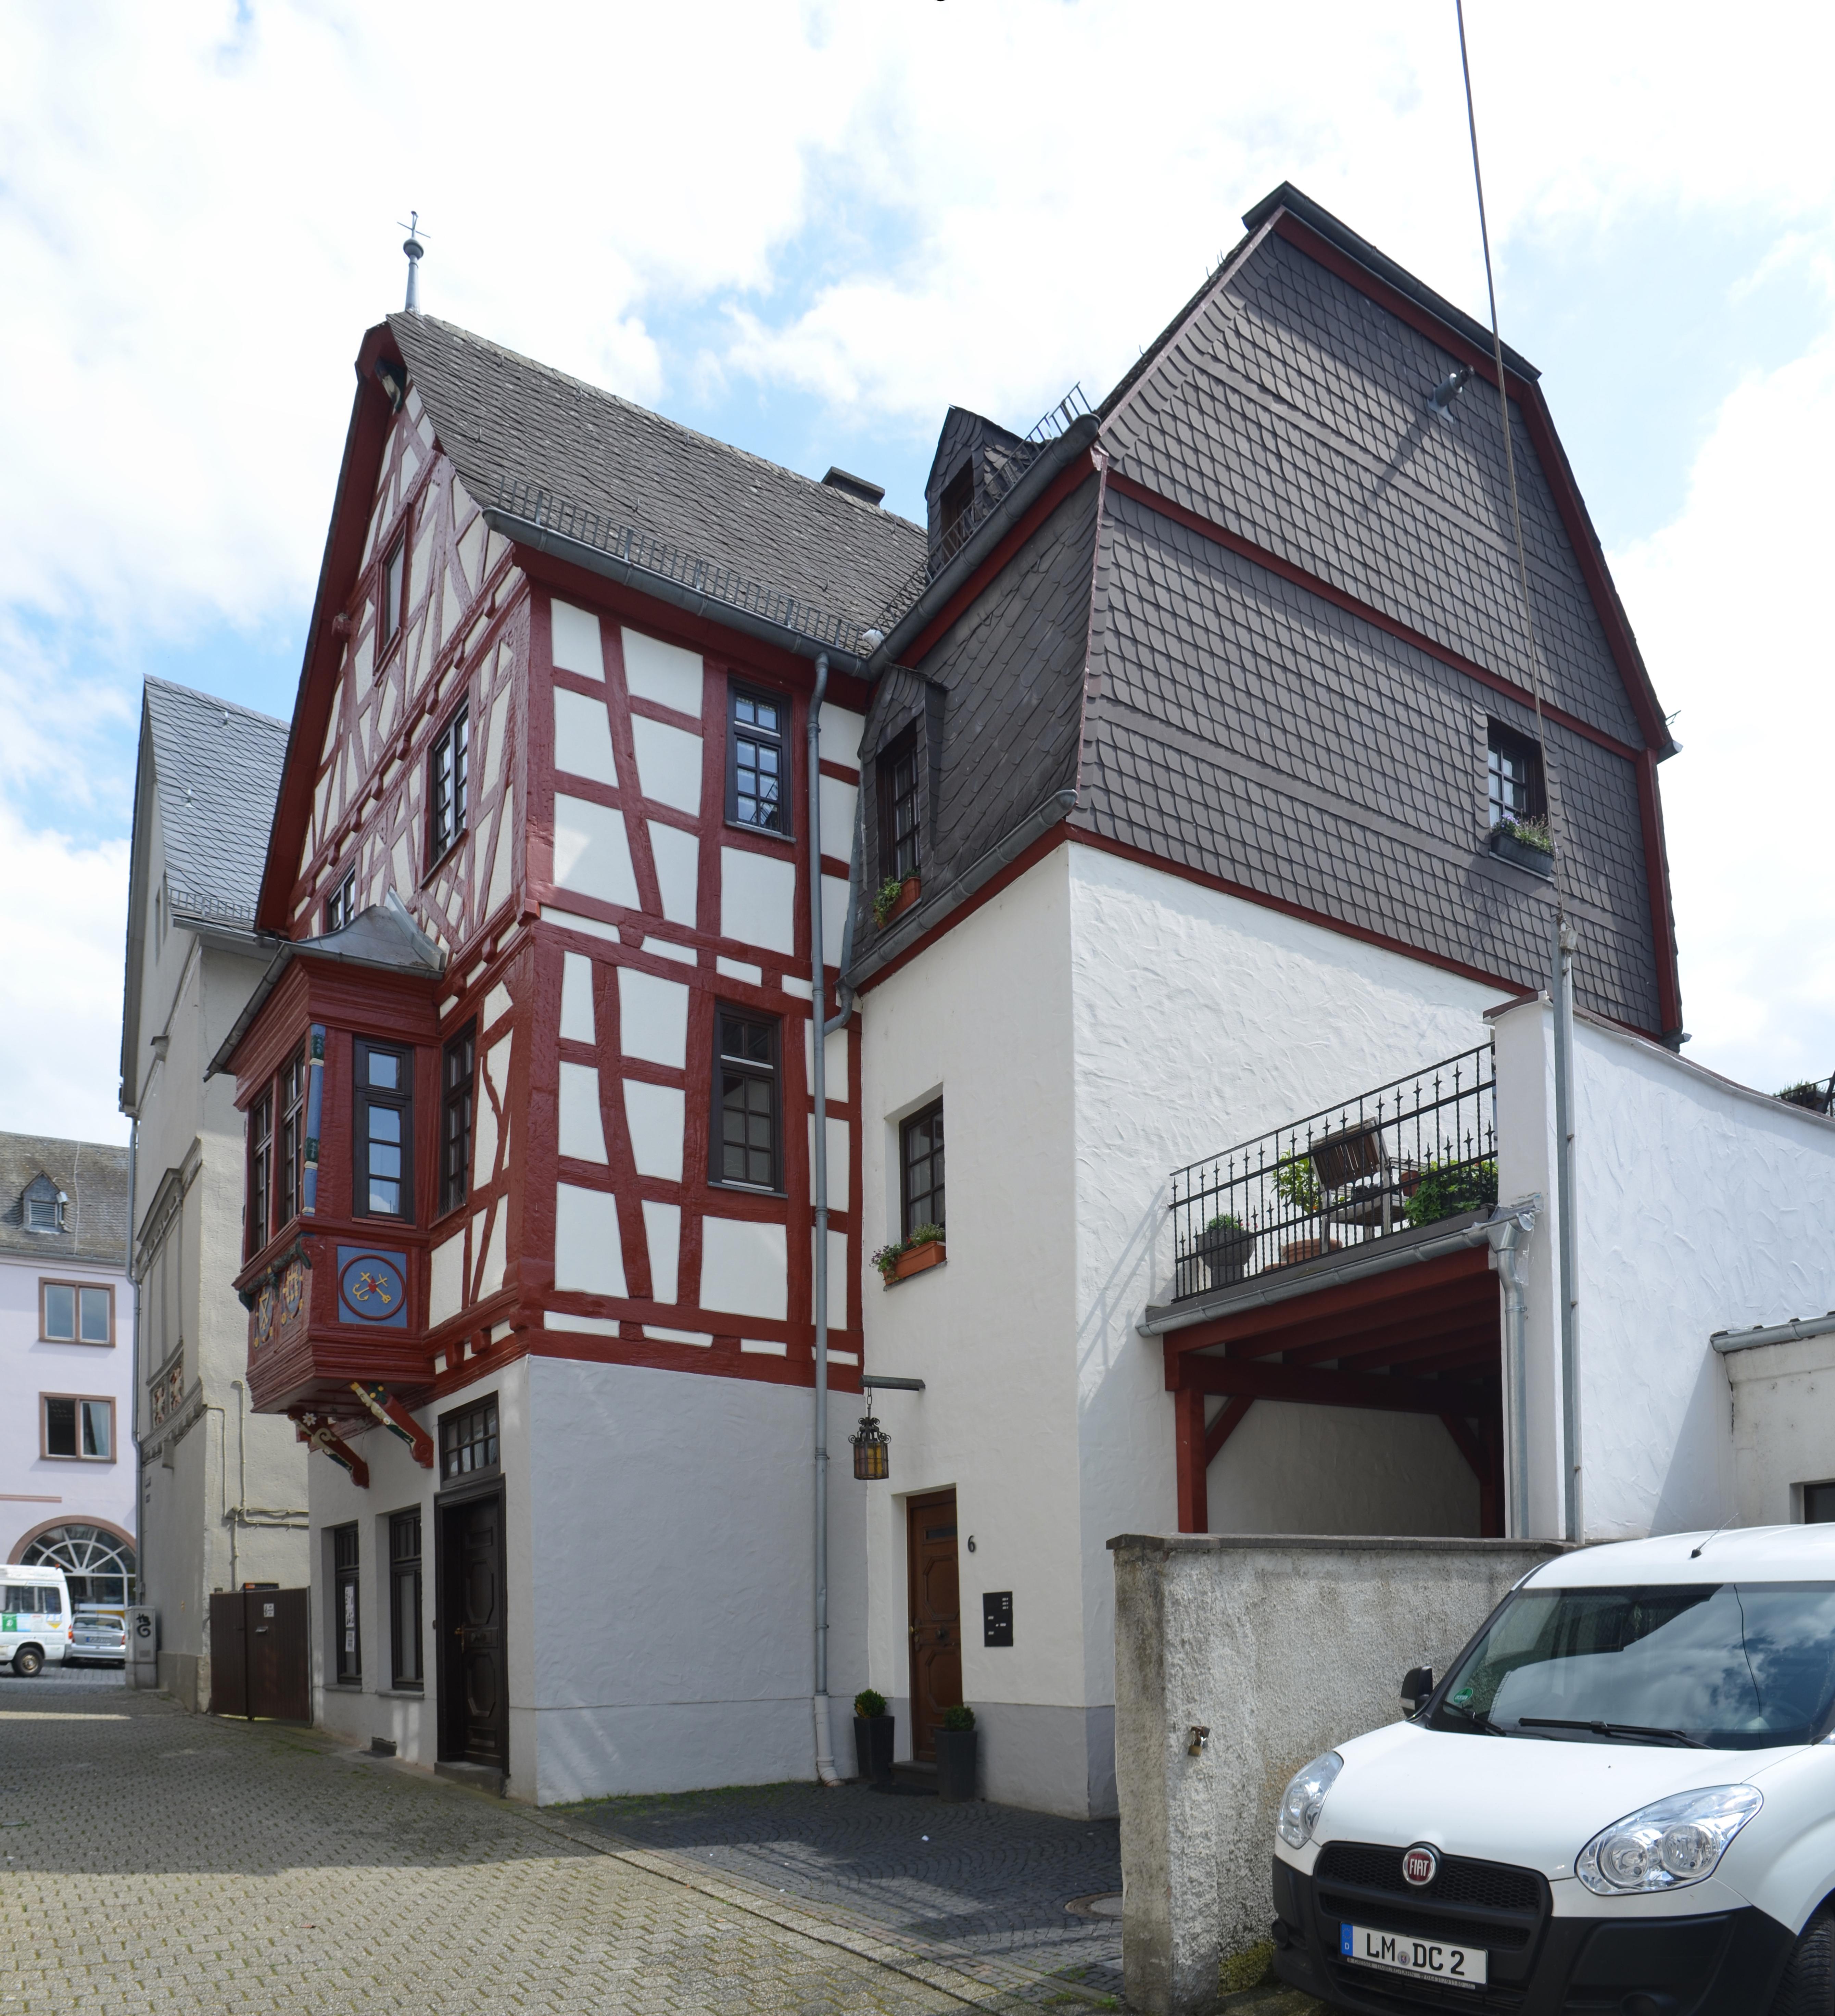 File:Limburg, Böhmergasse 6.jpg